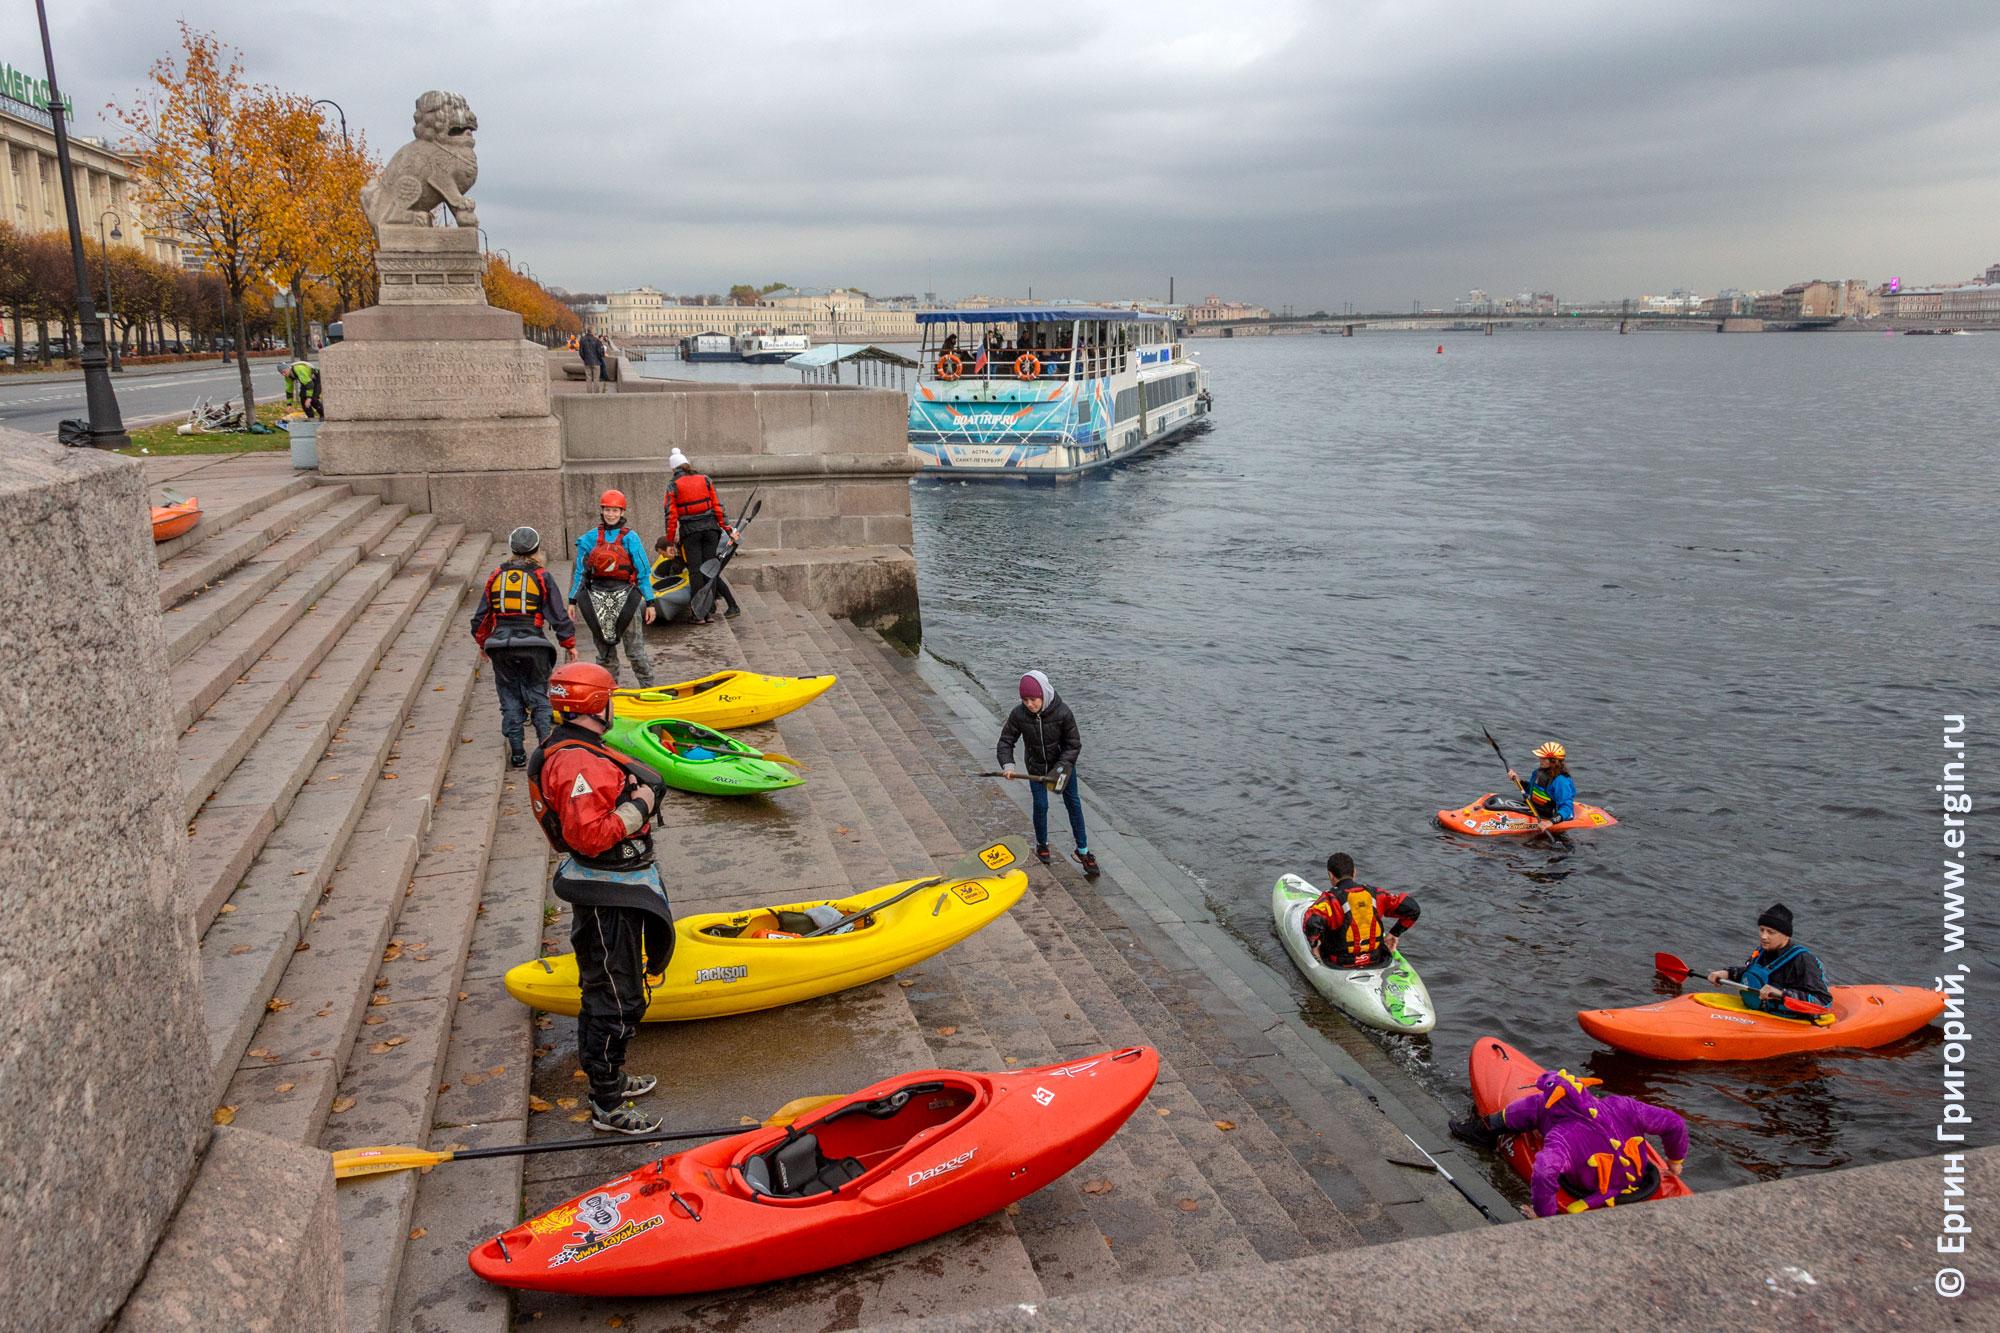 Завершение водной прогулки на каяках на Петровской набережной в Санкт-Петербурге